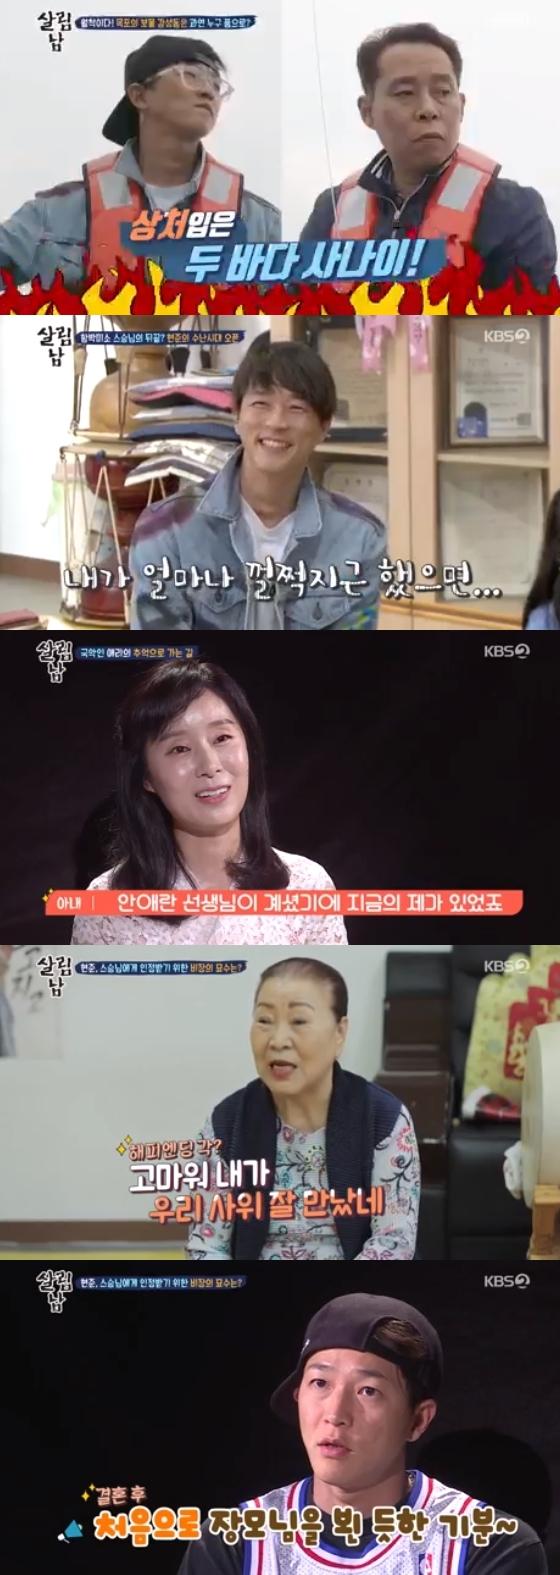 /사진=KBS 2TV'살림남2'방송 화면 캡처